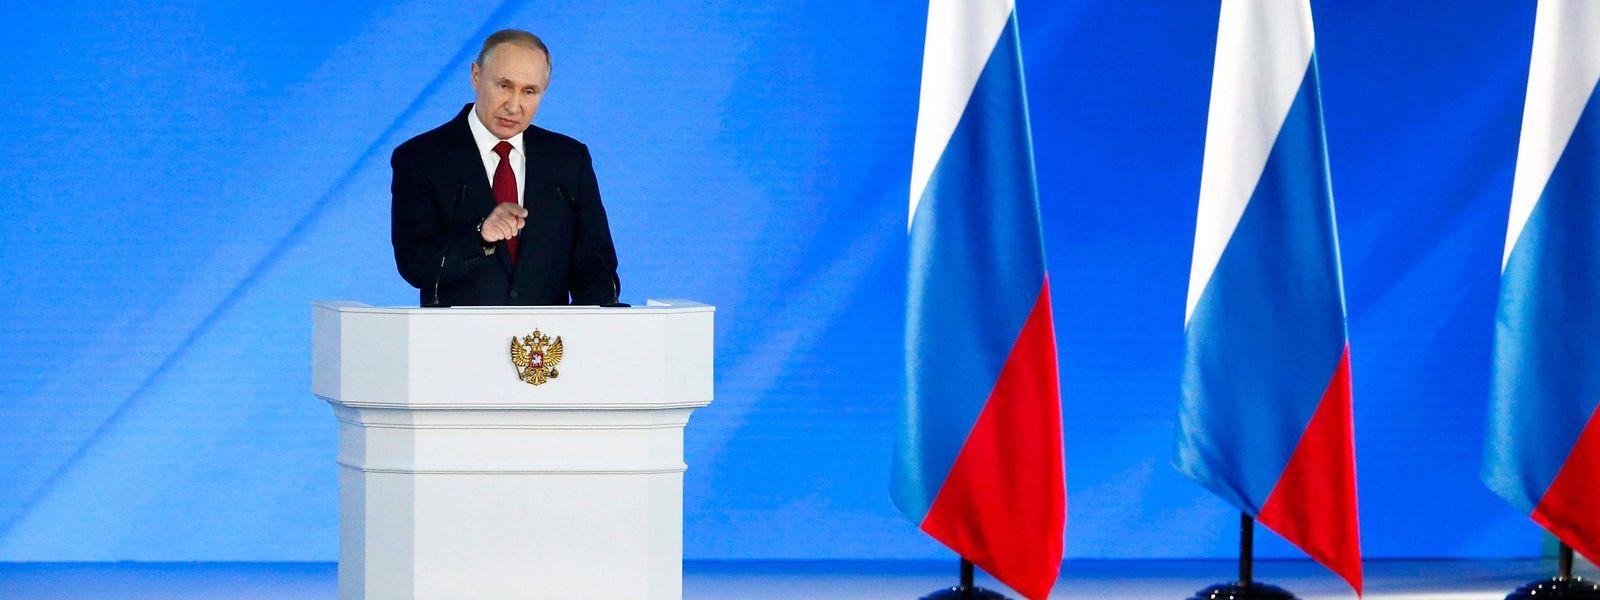 Der russische Präsident Vladimir Putin bei seiner Rede am 15. Januar.